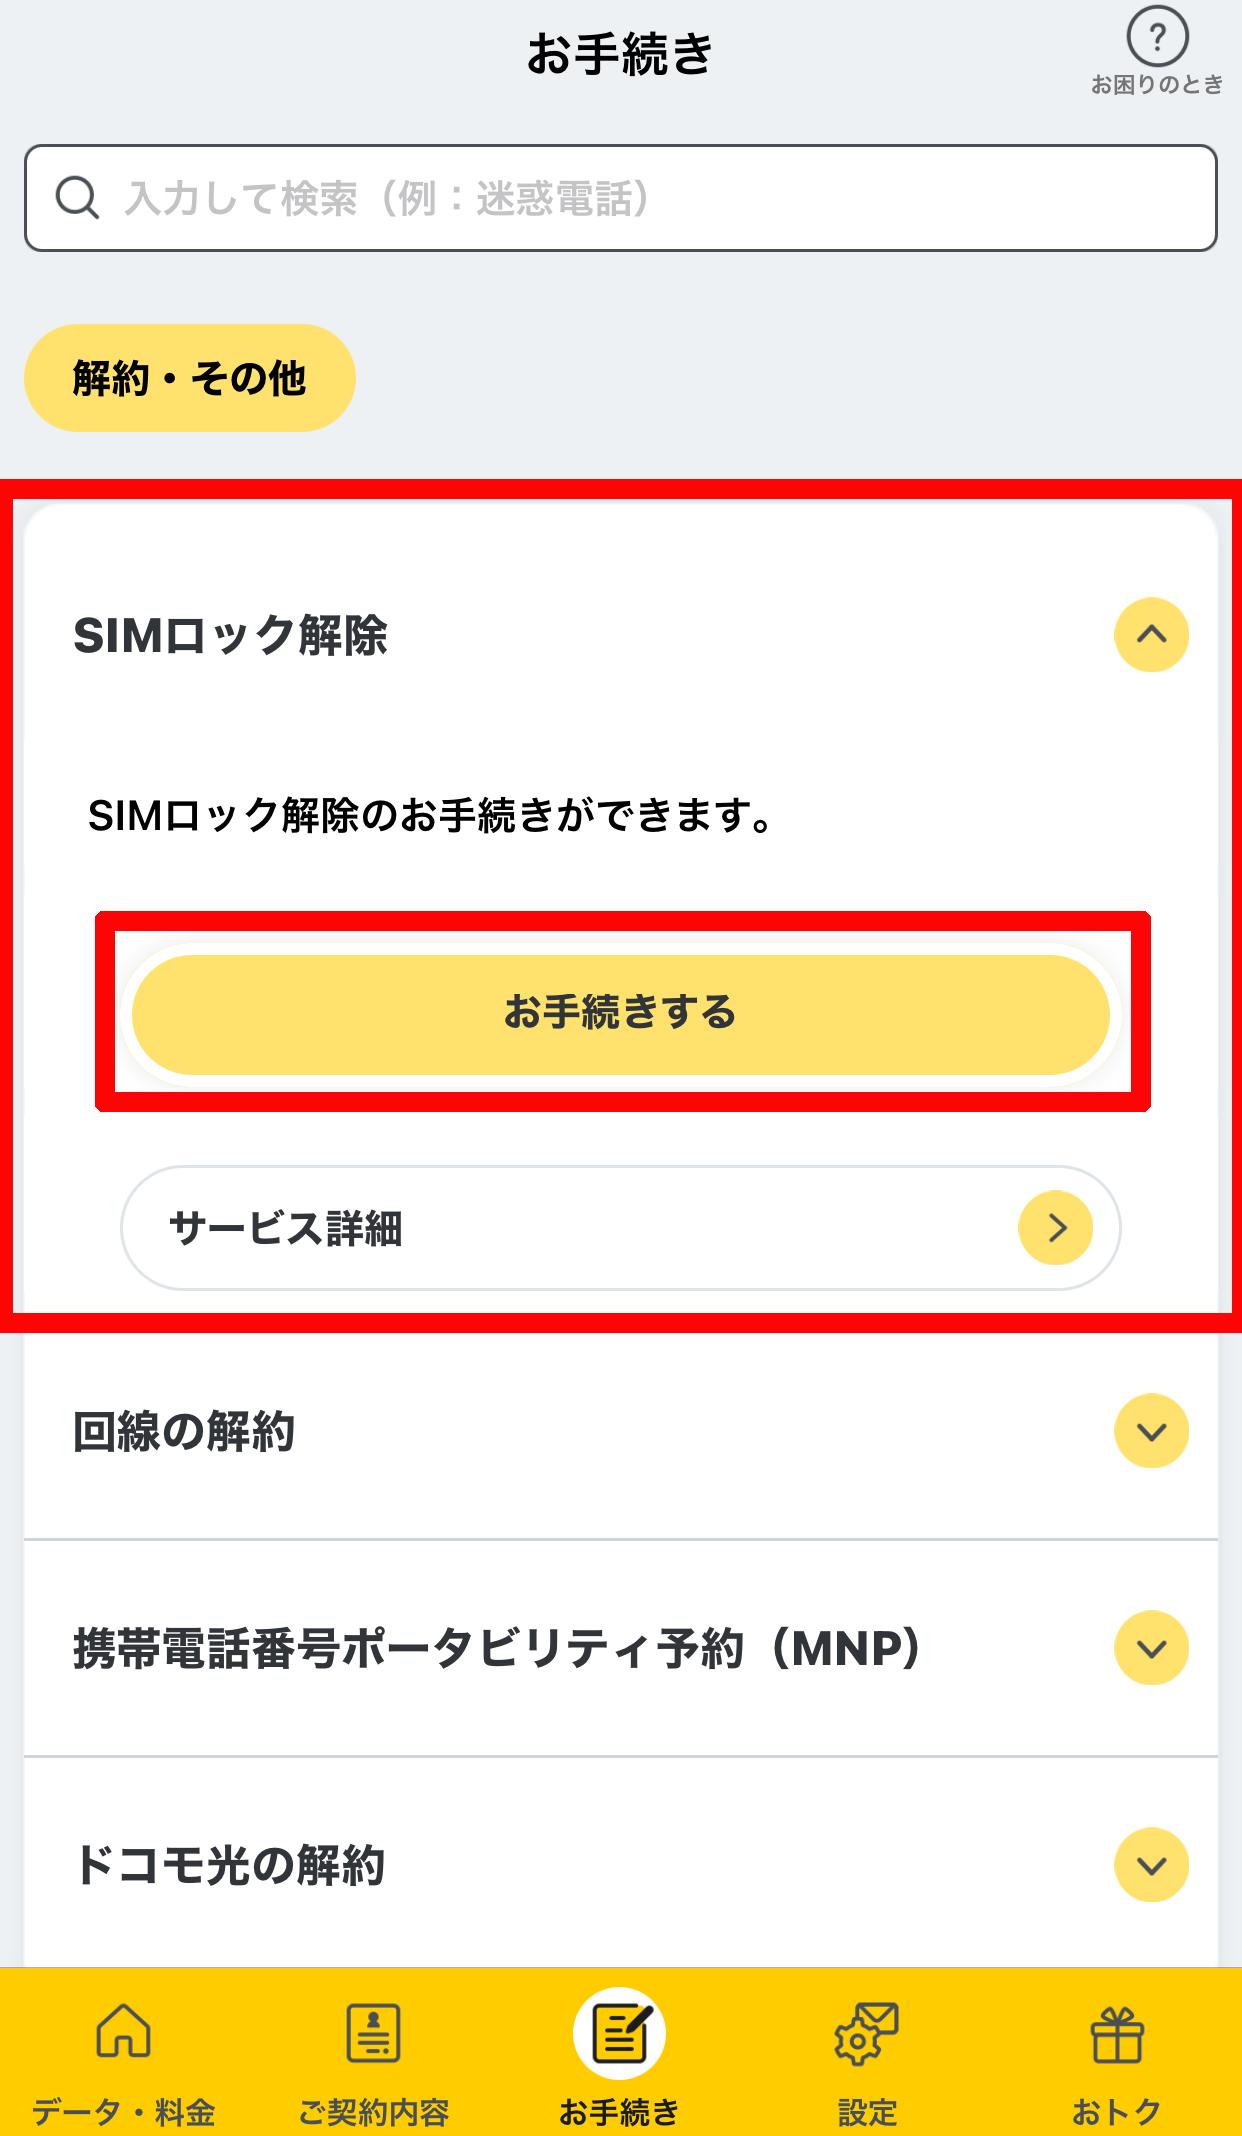 ④「SIMロック解除」をタップし表示される中にある「お手続きする」をタップする